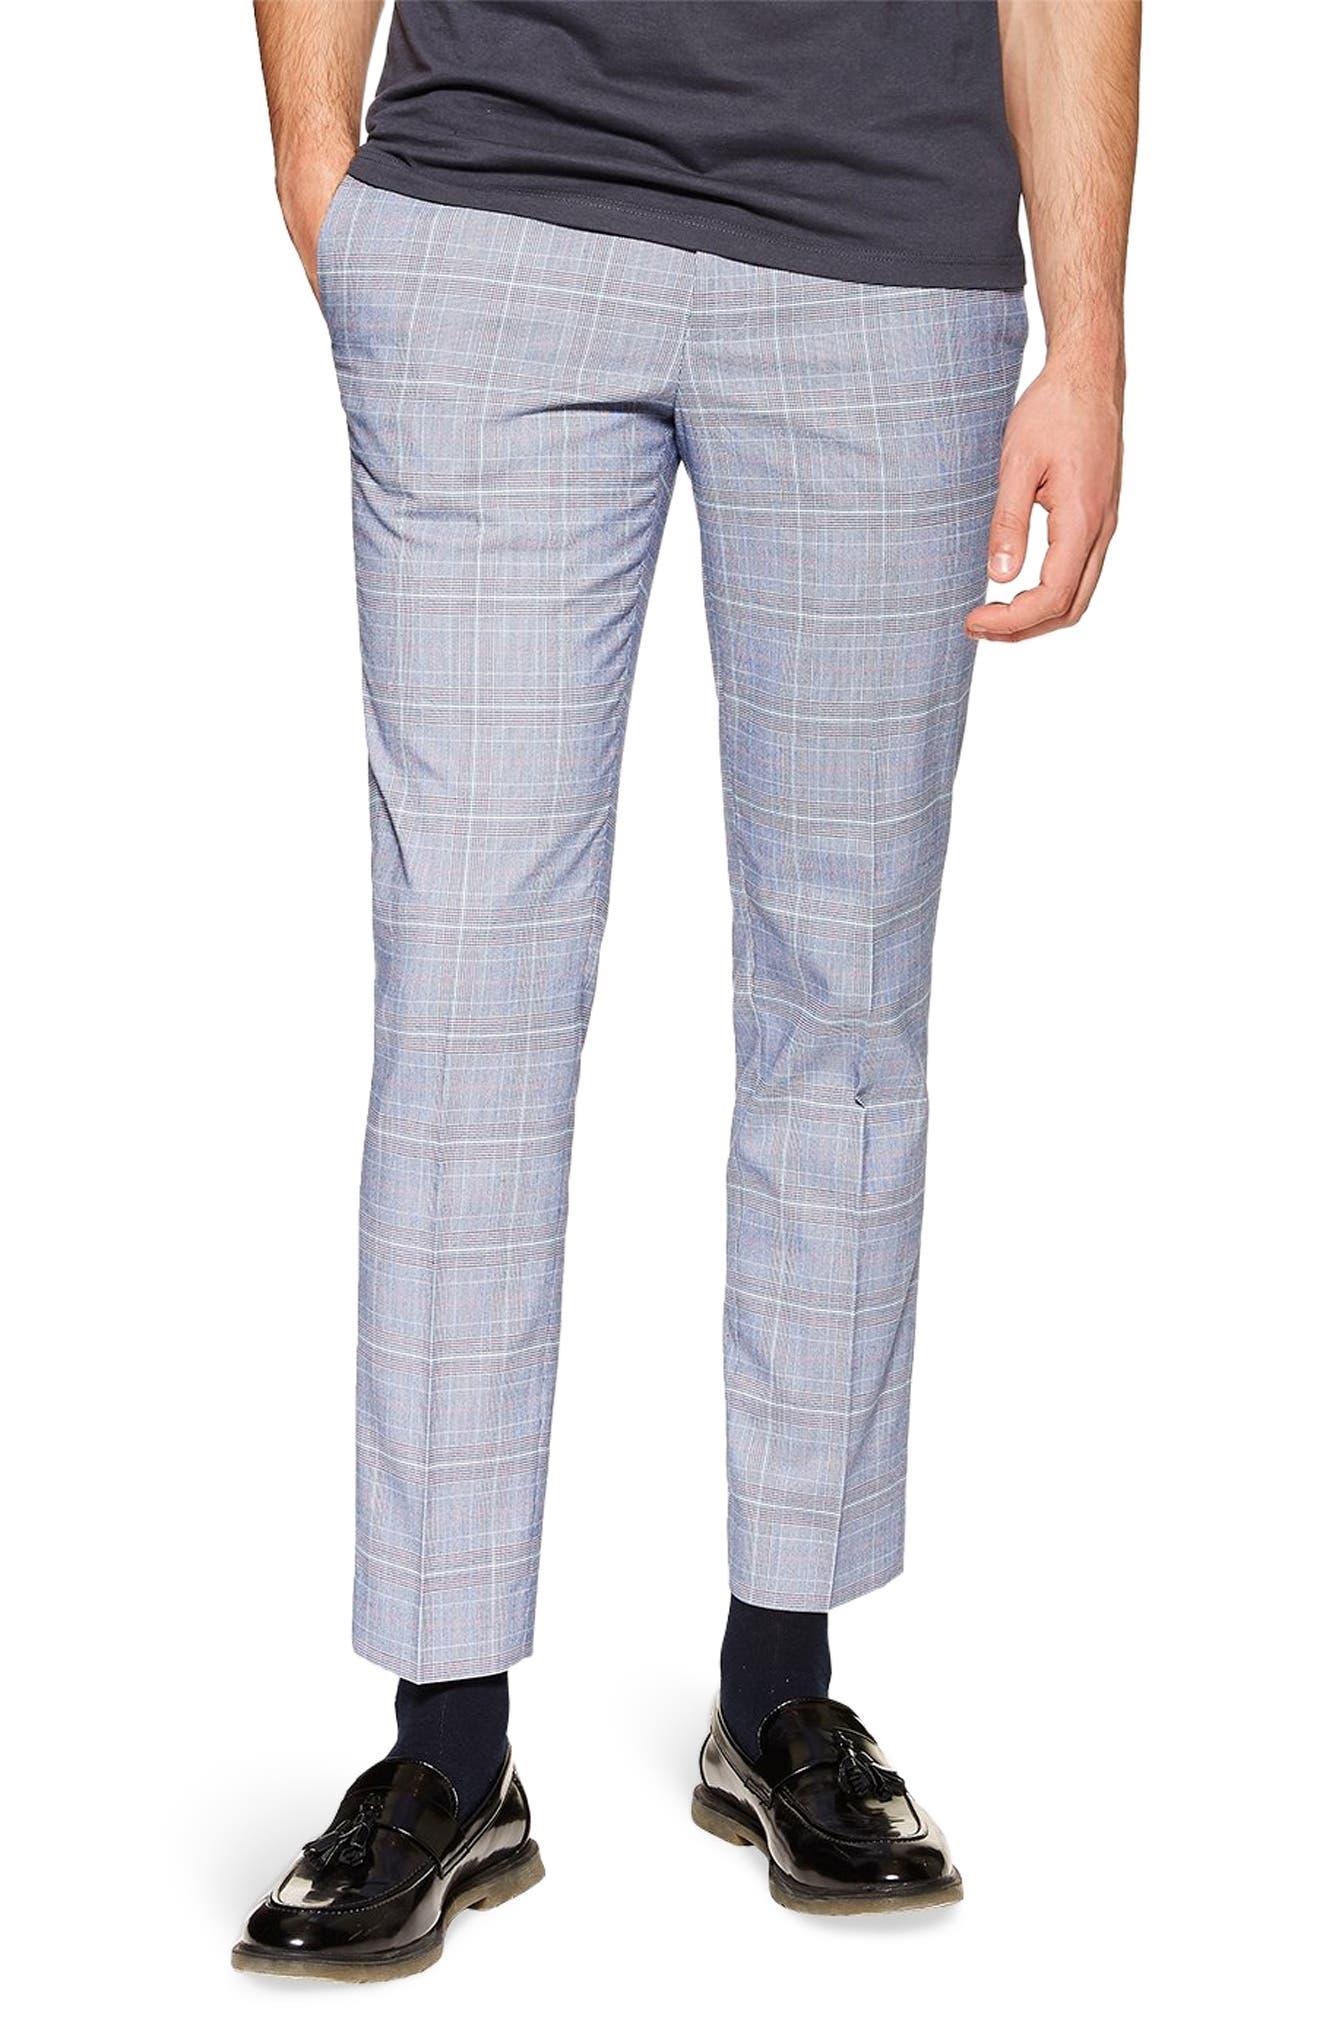 TOPMAN, Skinny Fit Plaid Trousers, Main thumbnail 1, color, BLUE MULTI